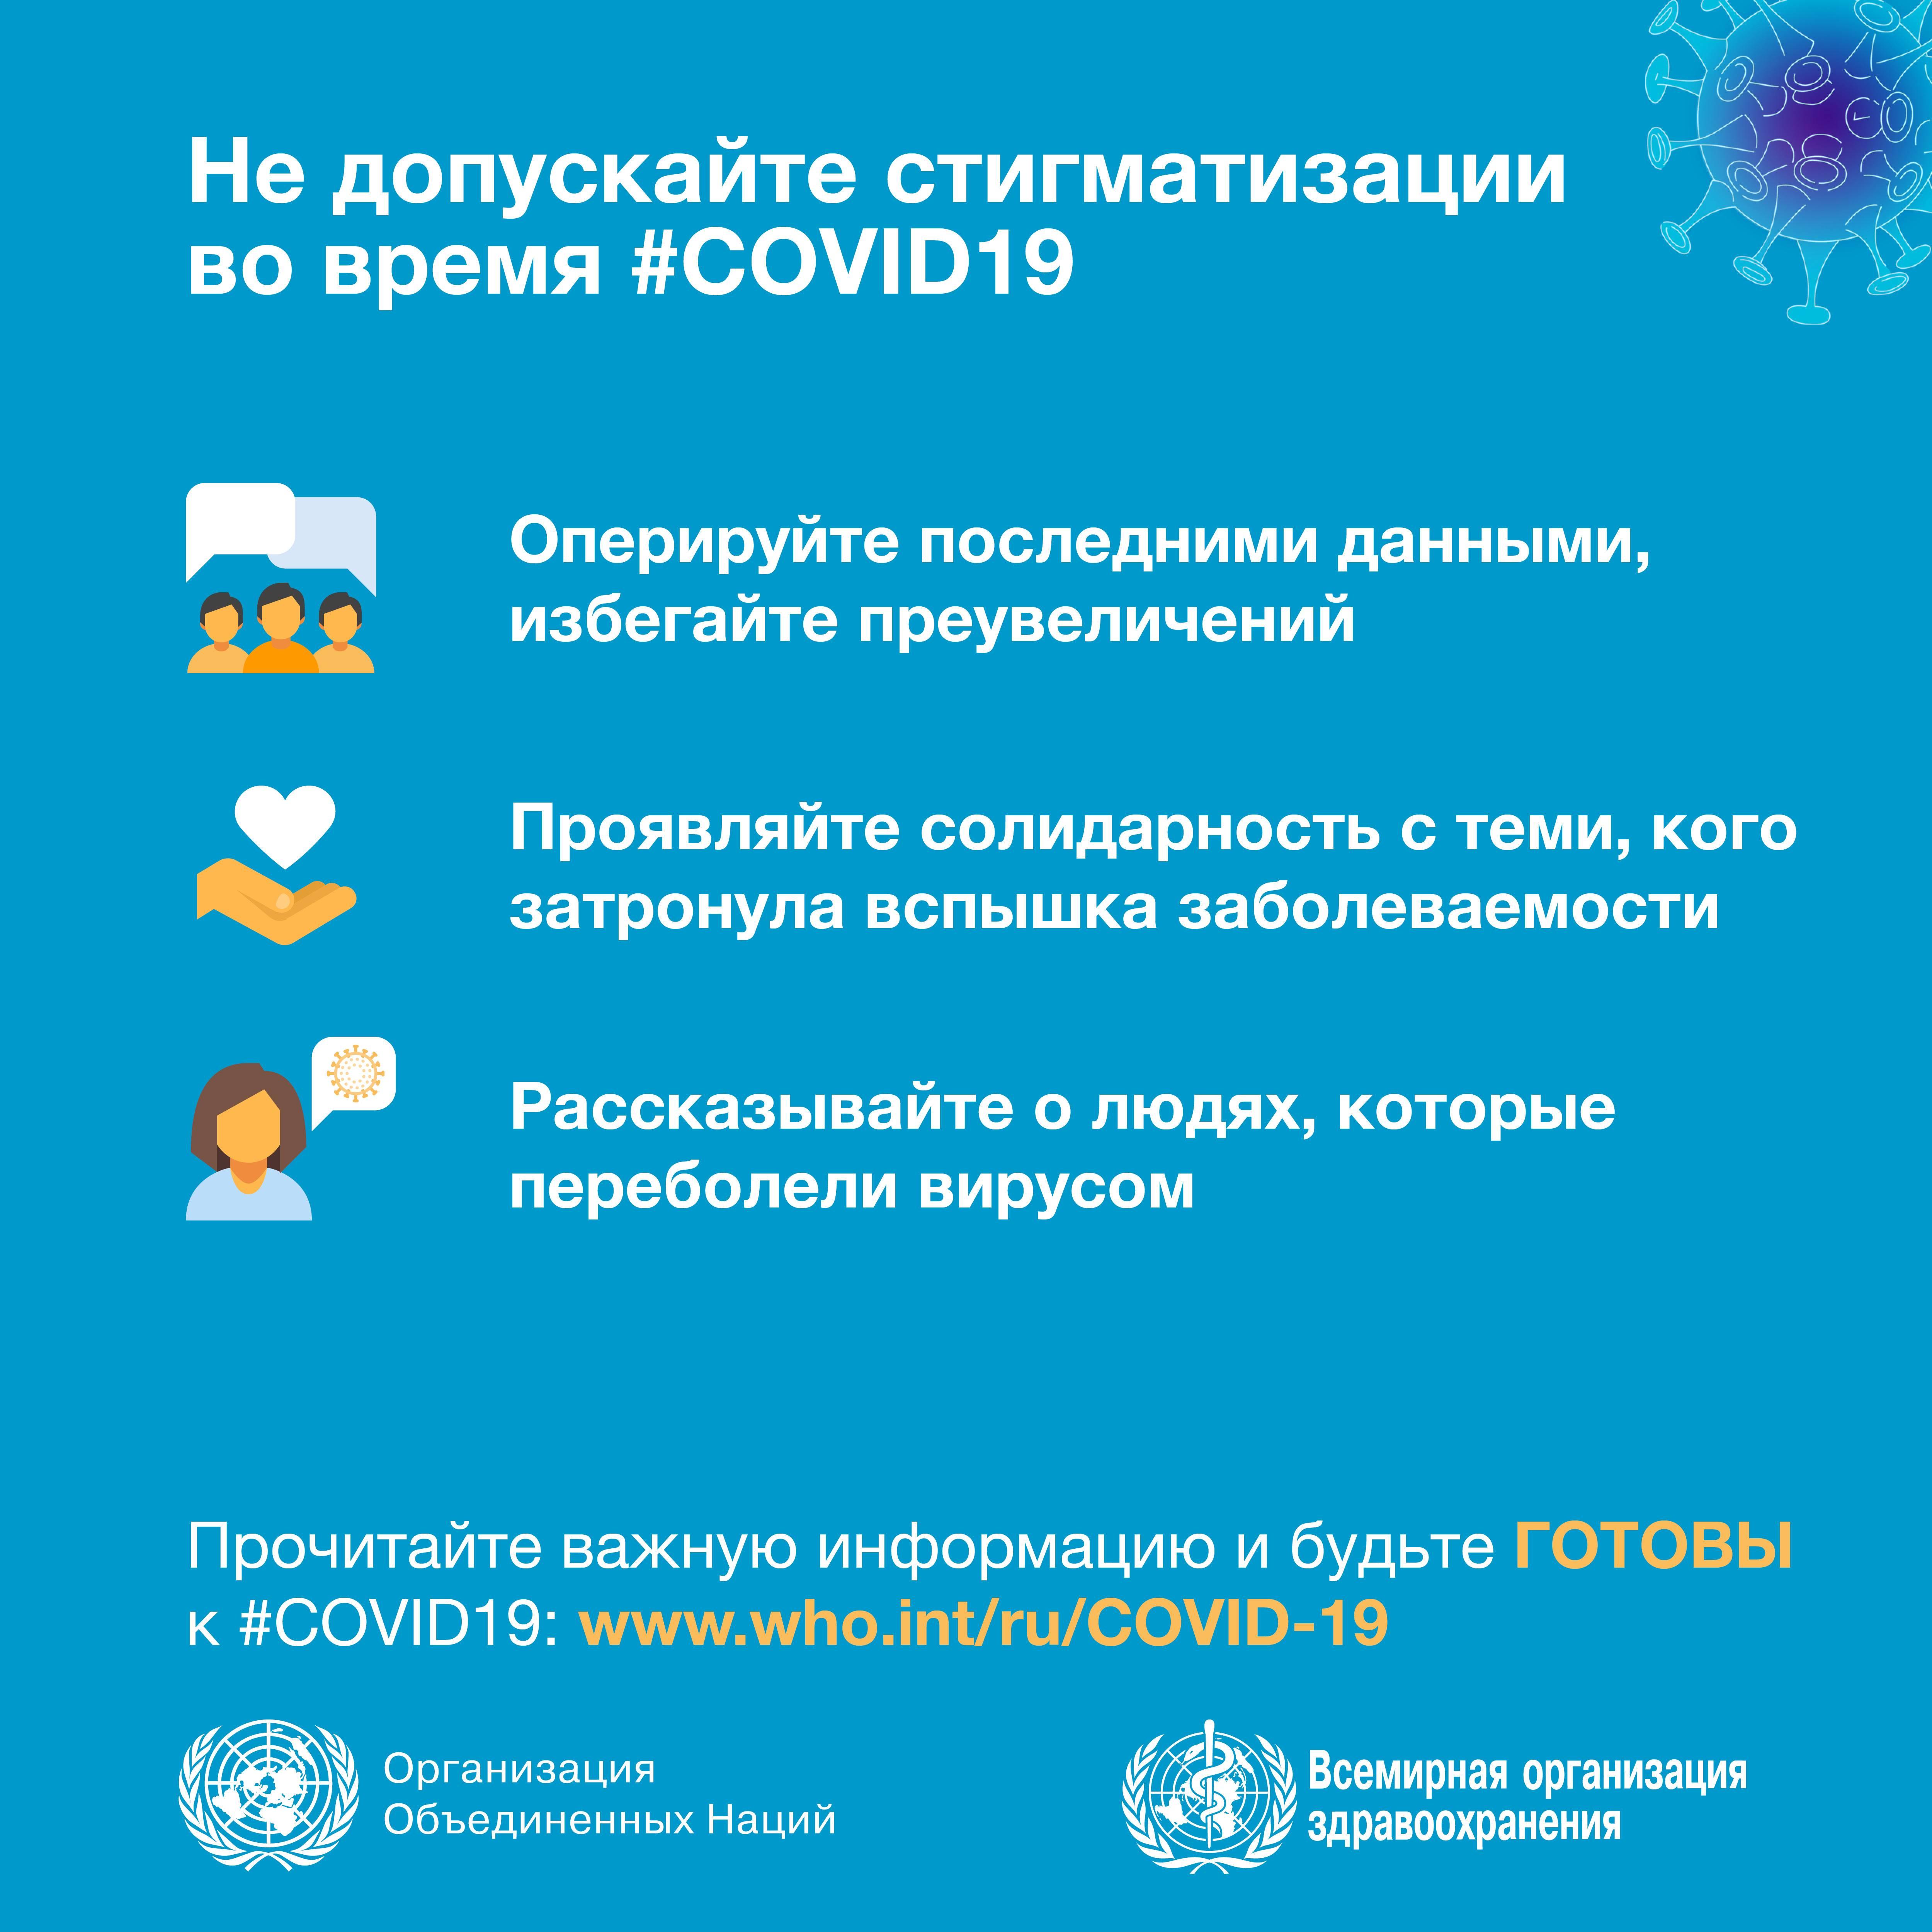 Как предотвратить заражение коронавирусом - wikihow